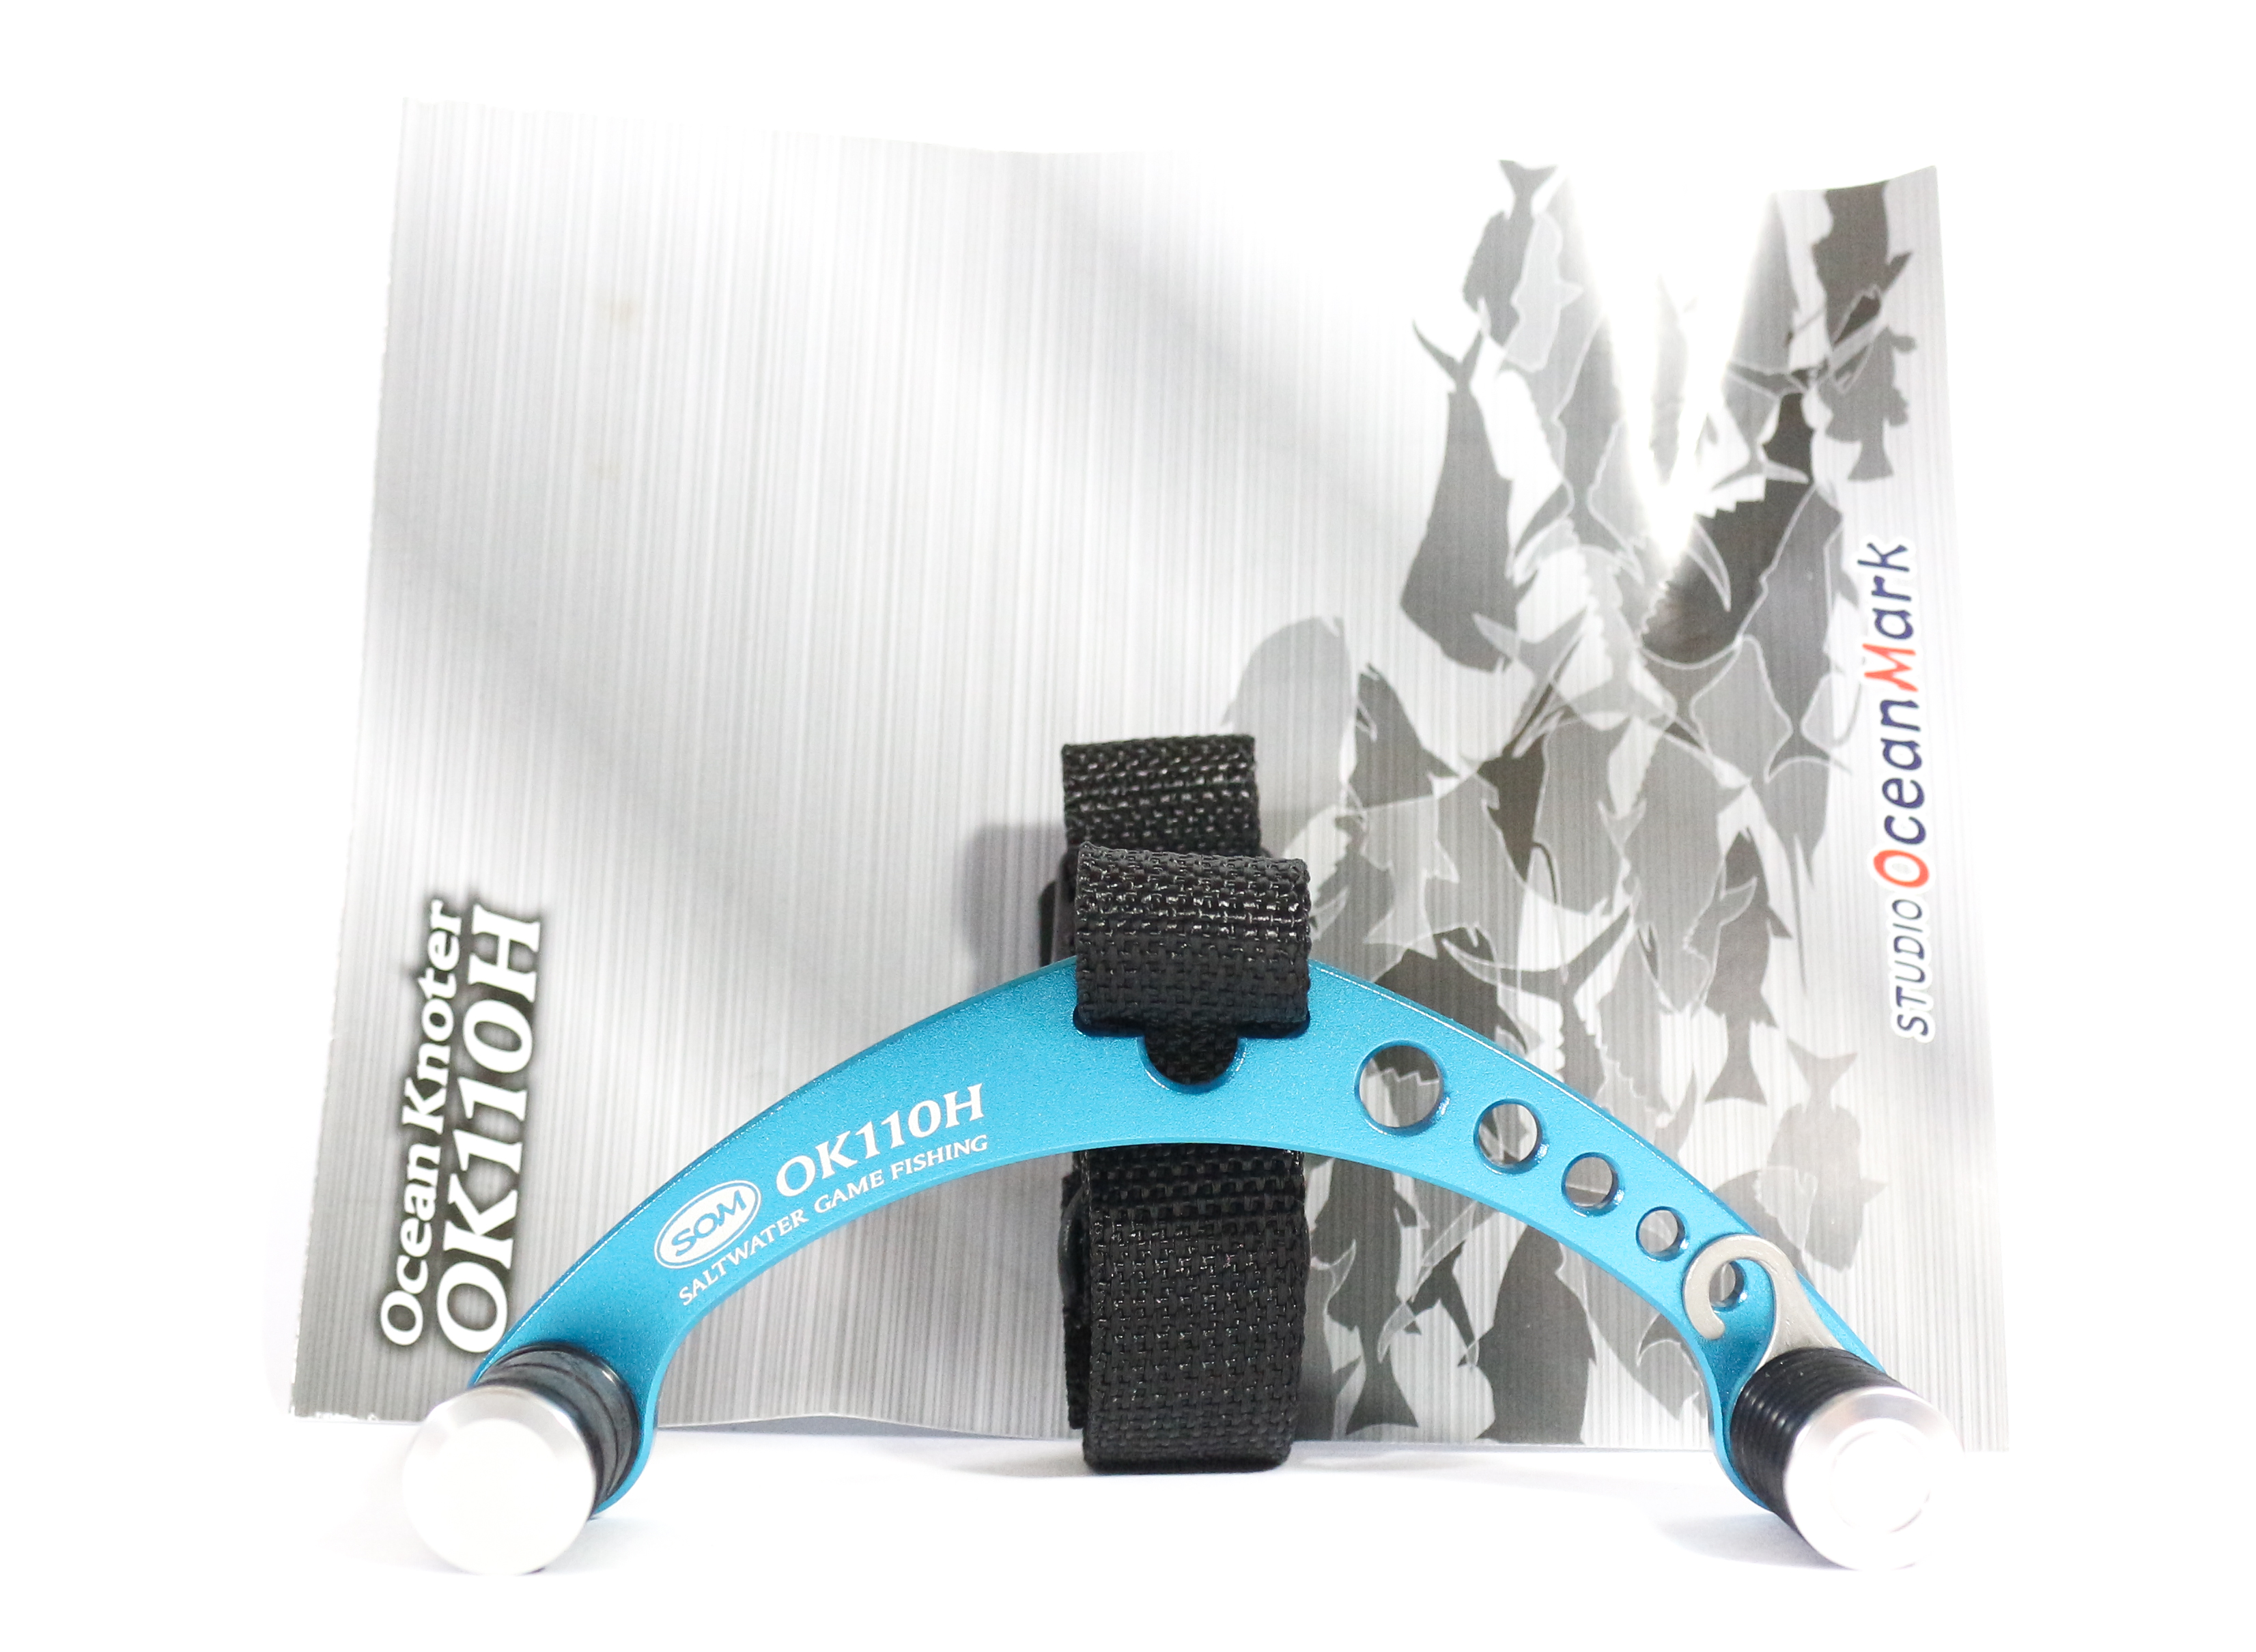 Studio Ocean Mark OK110H Ocean Knotter FG Knot Tool SB (5257)